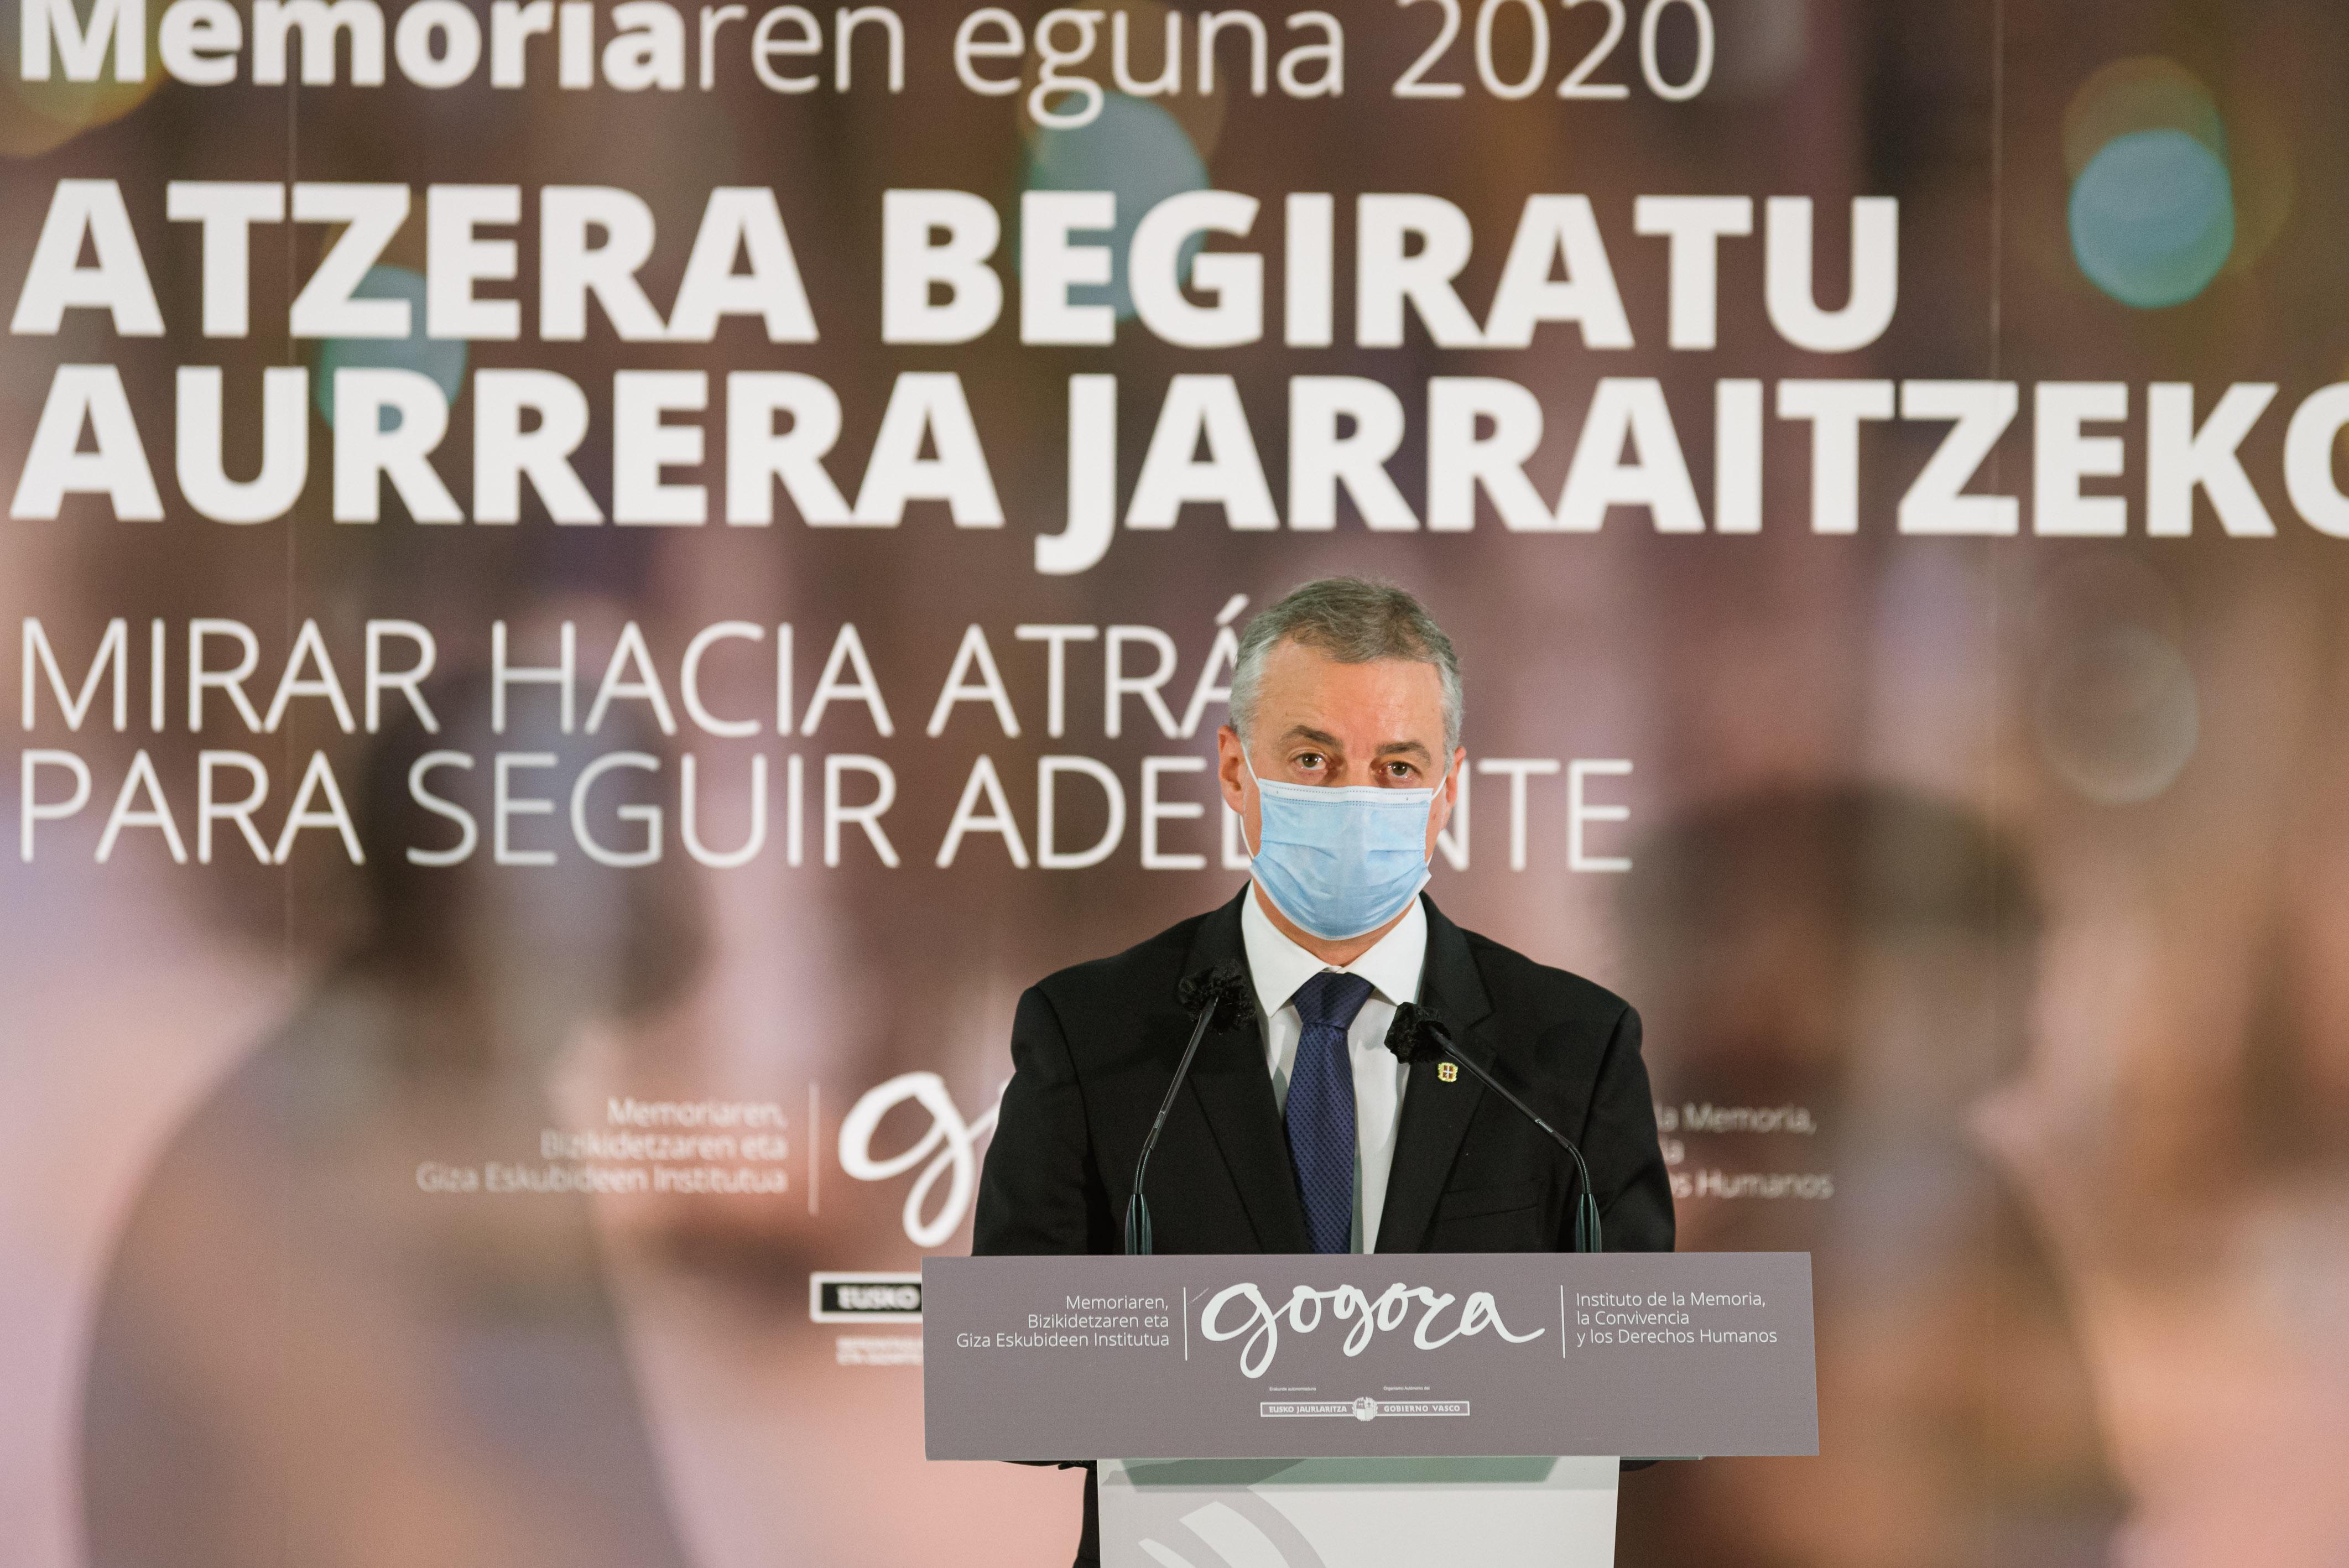 Dia-memoria_Bilbao_10-11-2020_usual-6479.jpg